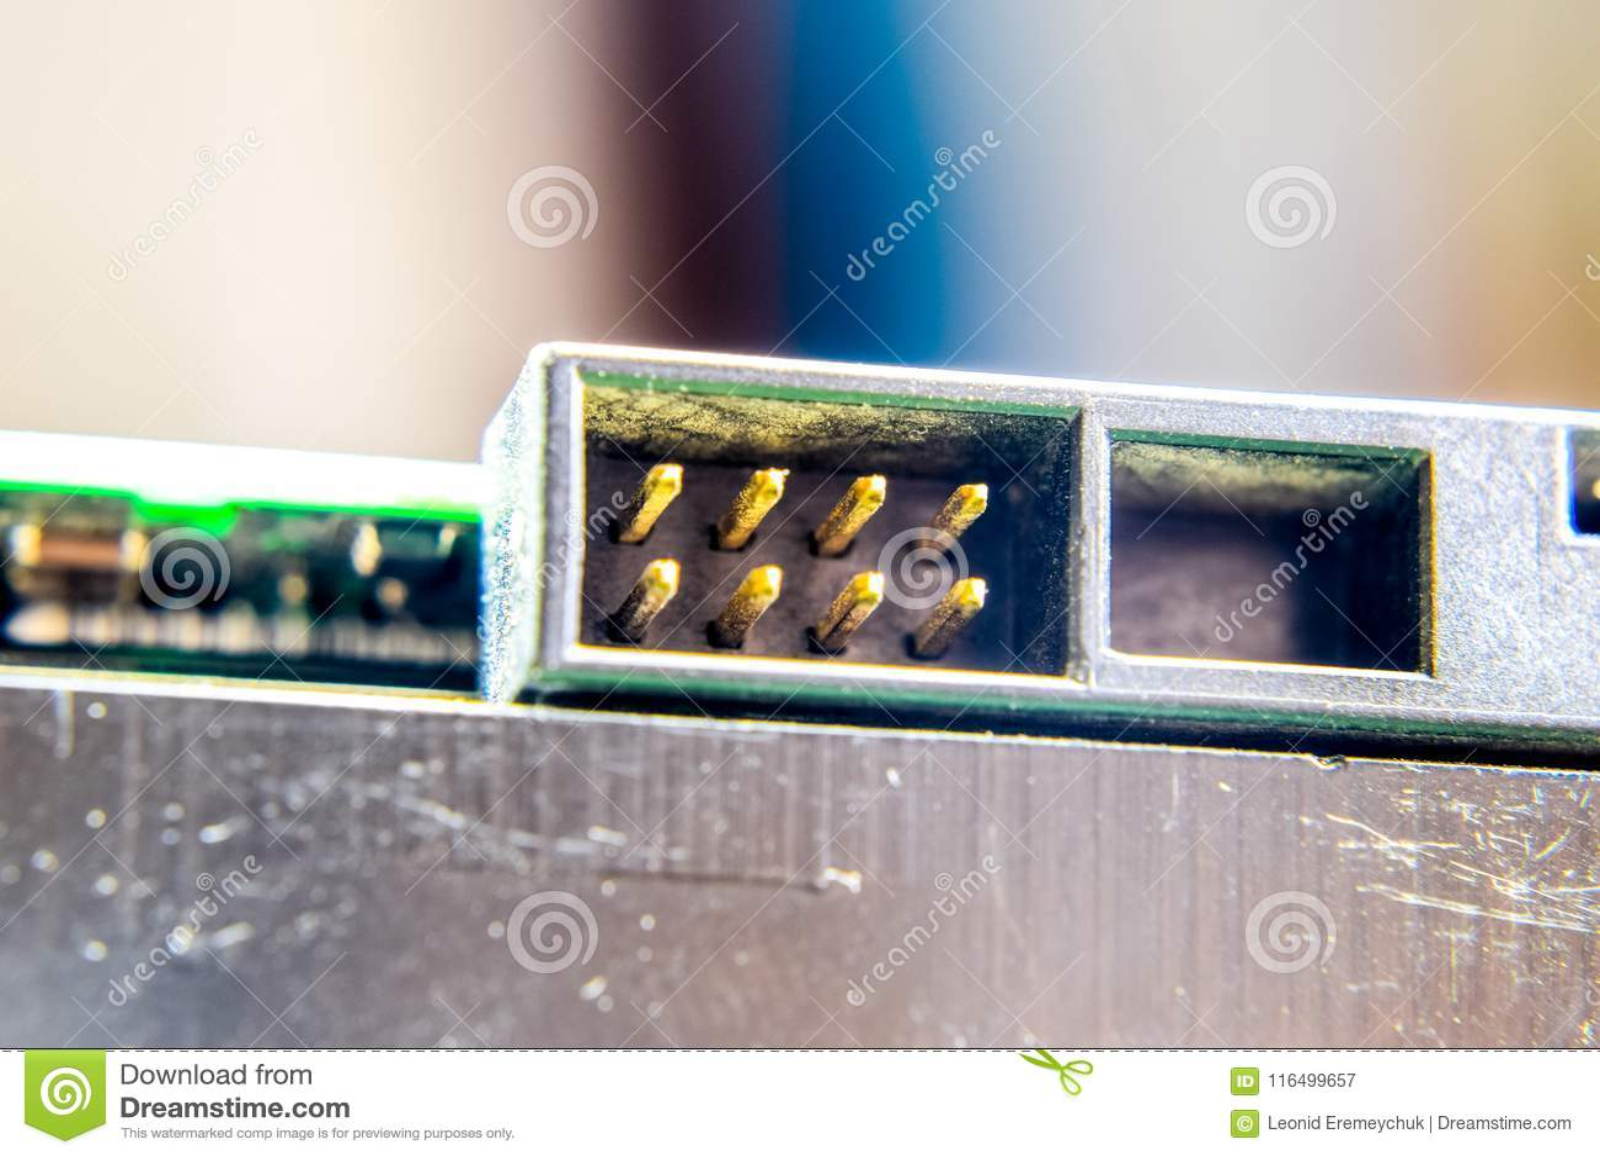 Ηλεκτρονικός πίνακας με τα ηλεκτρικά συστατικά Ηλεκτρονική του εξοπλισμού υπολογιστών